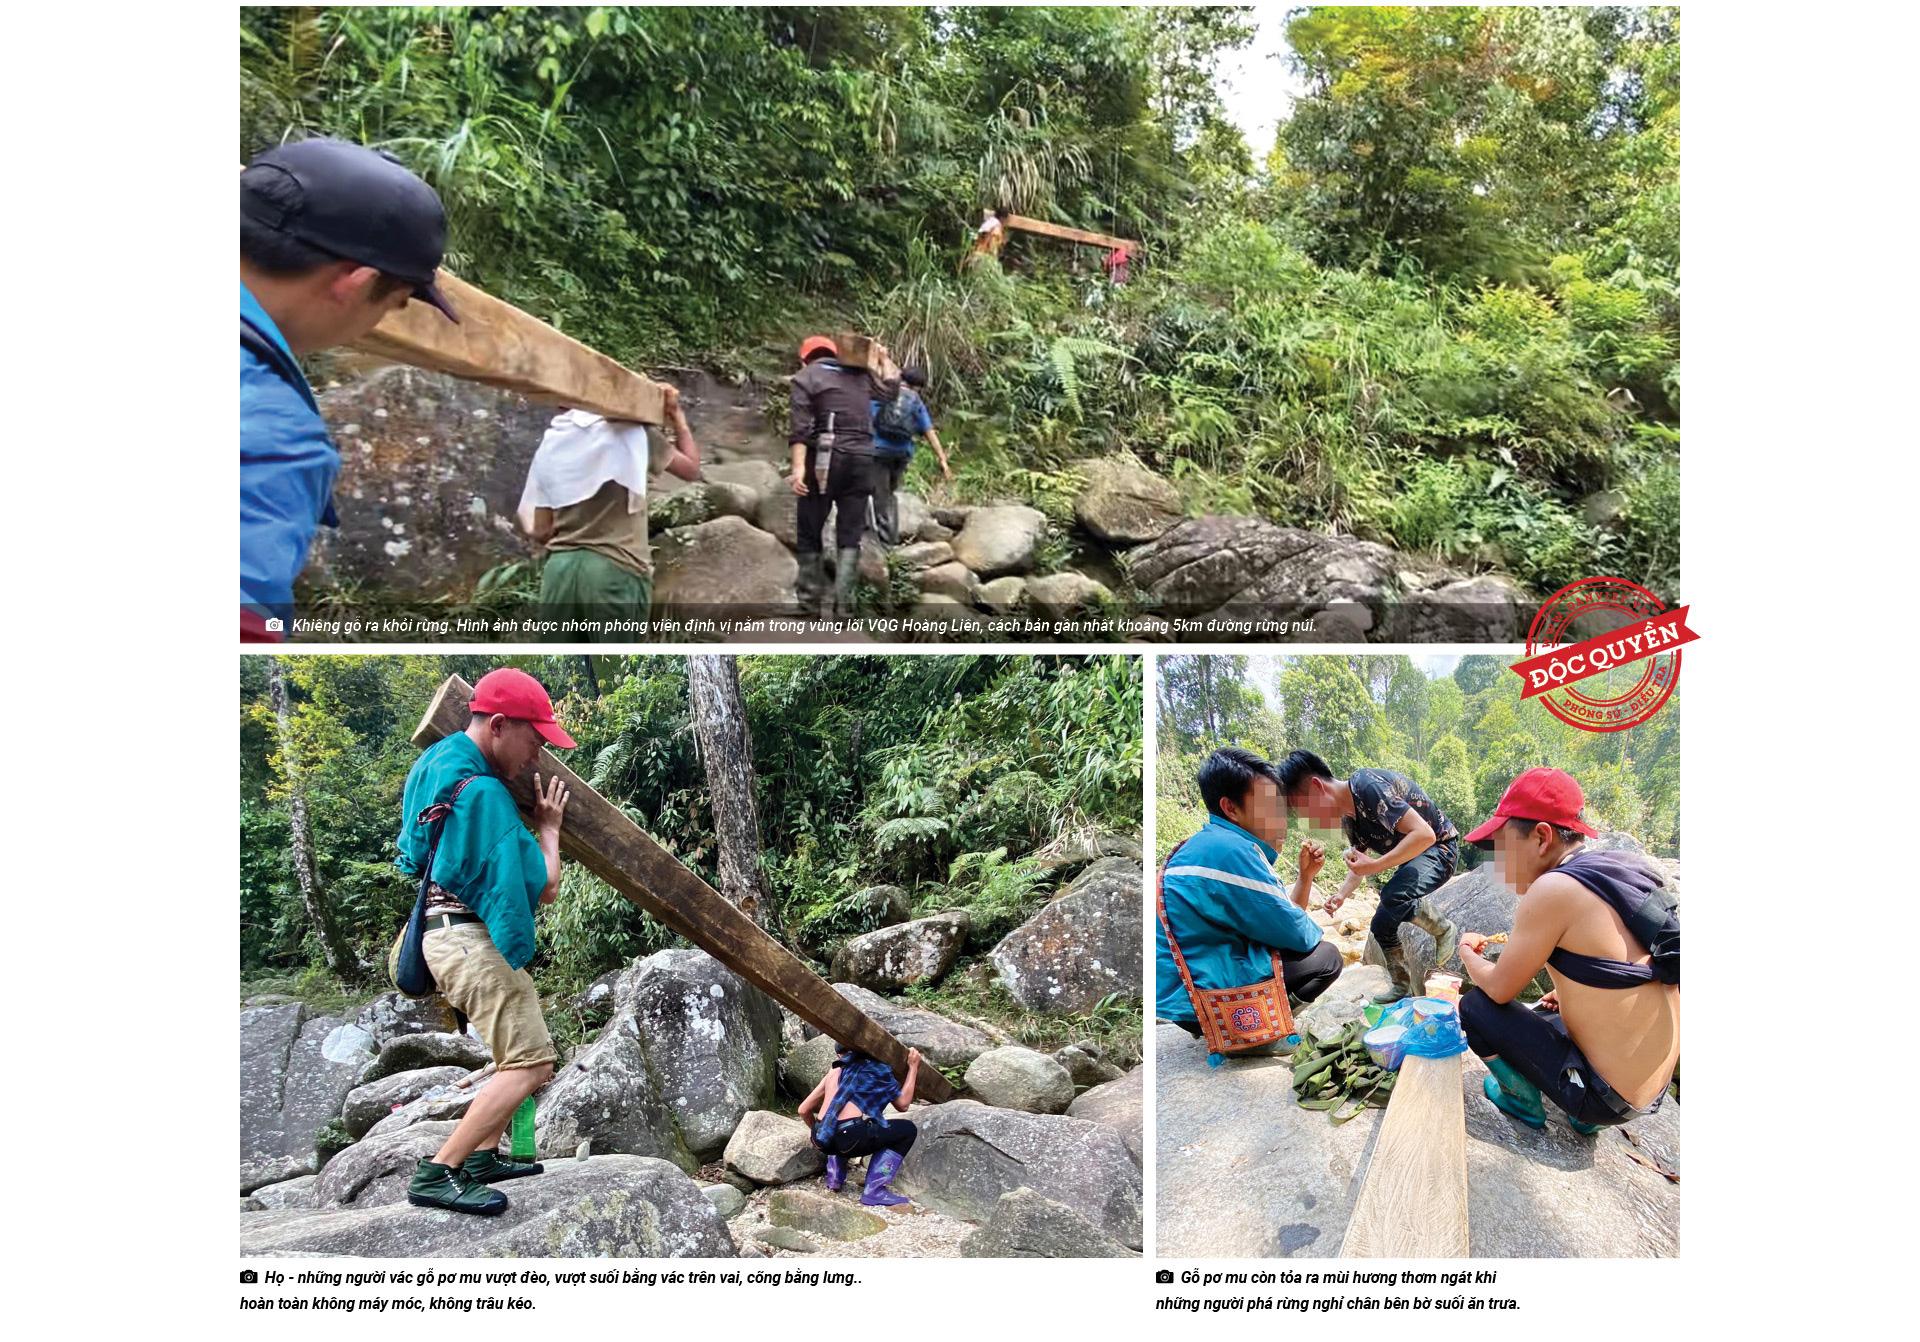 """Thế này là """"khai thác nhỏ lẻ"""" ư - thưa ông Chủ tịch UBND tỉnh Lào Cai! - Ảnh 3."""